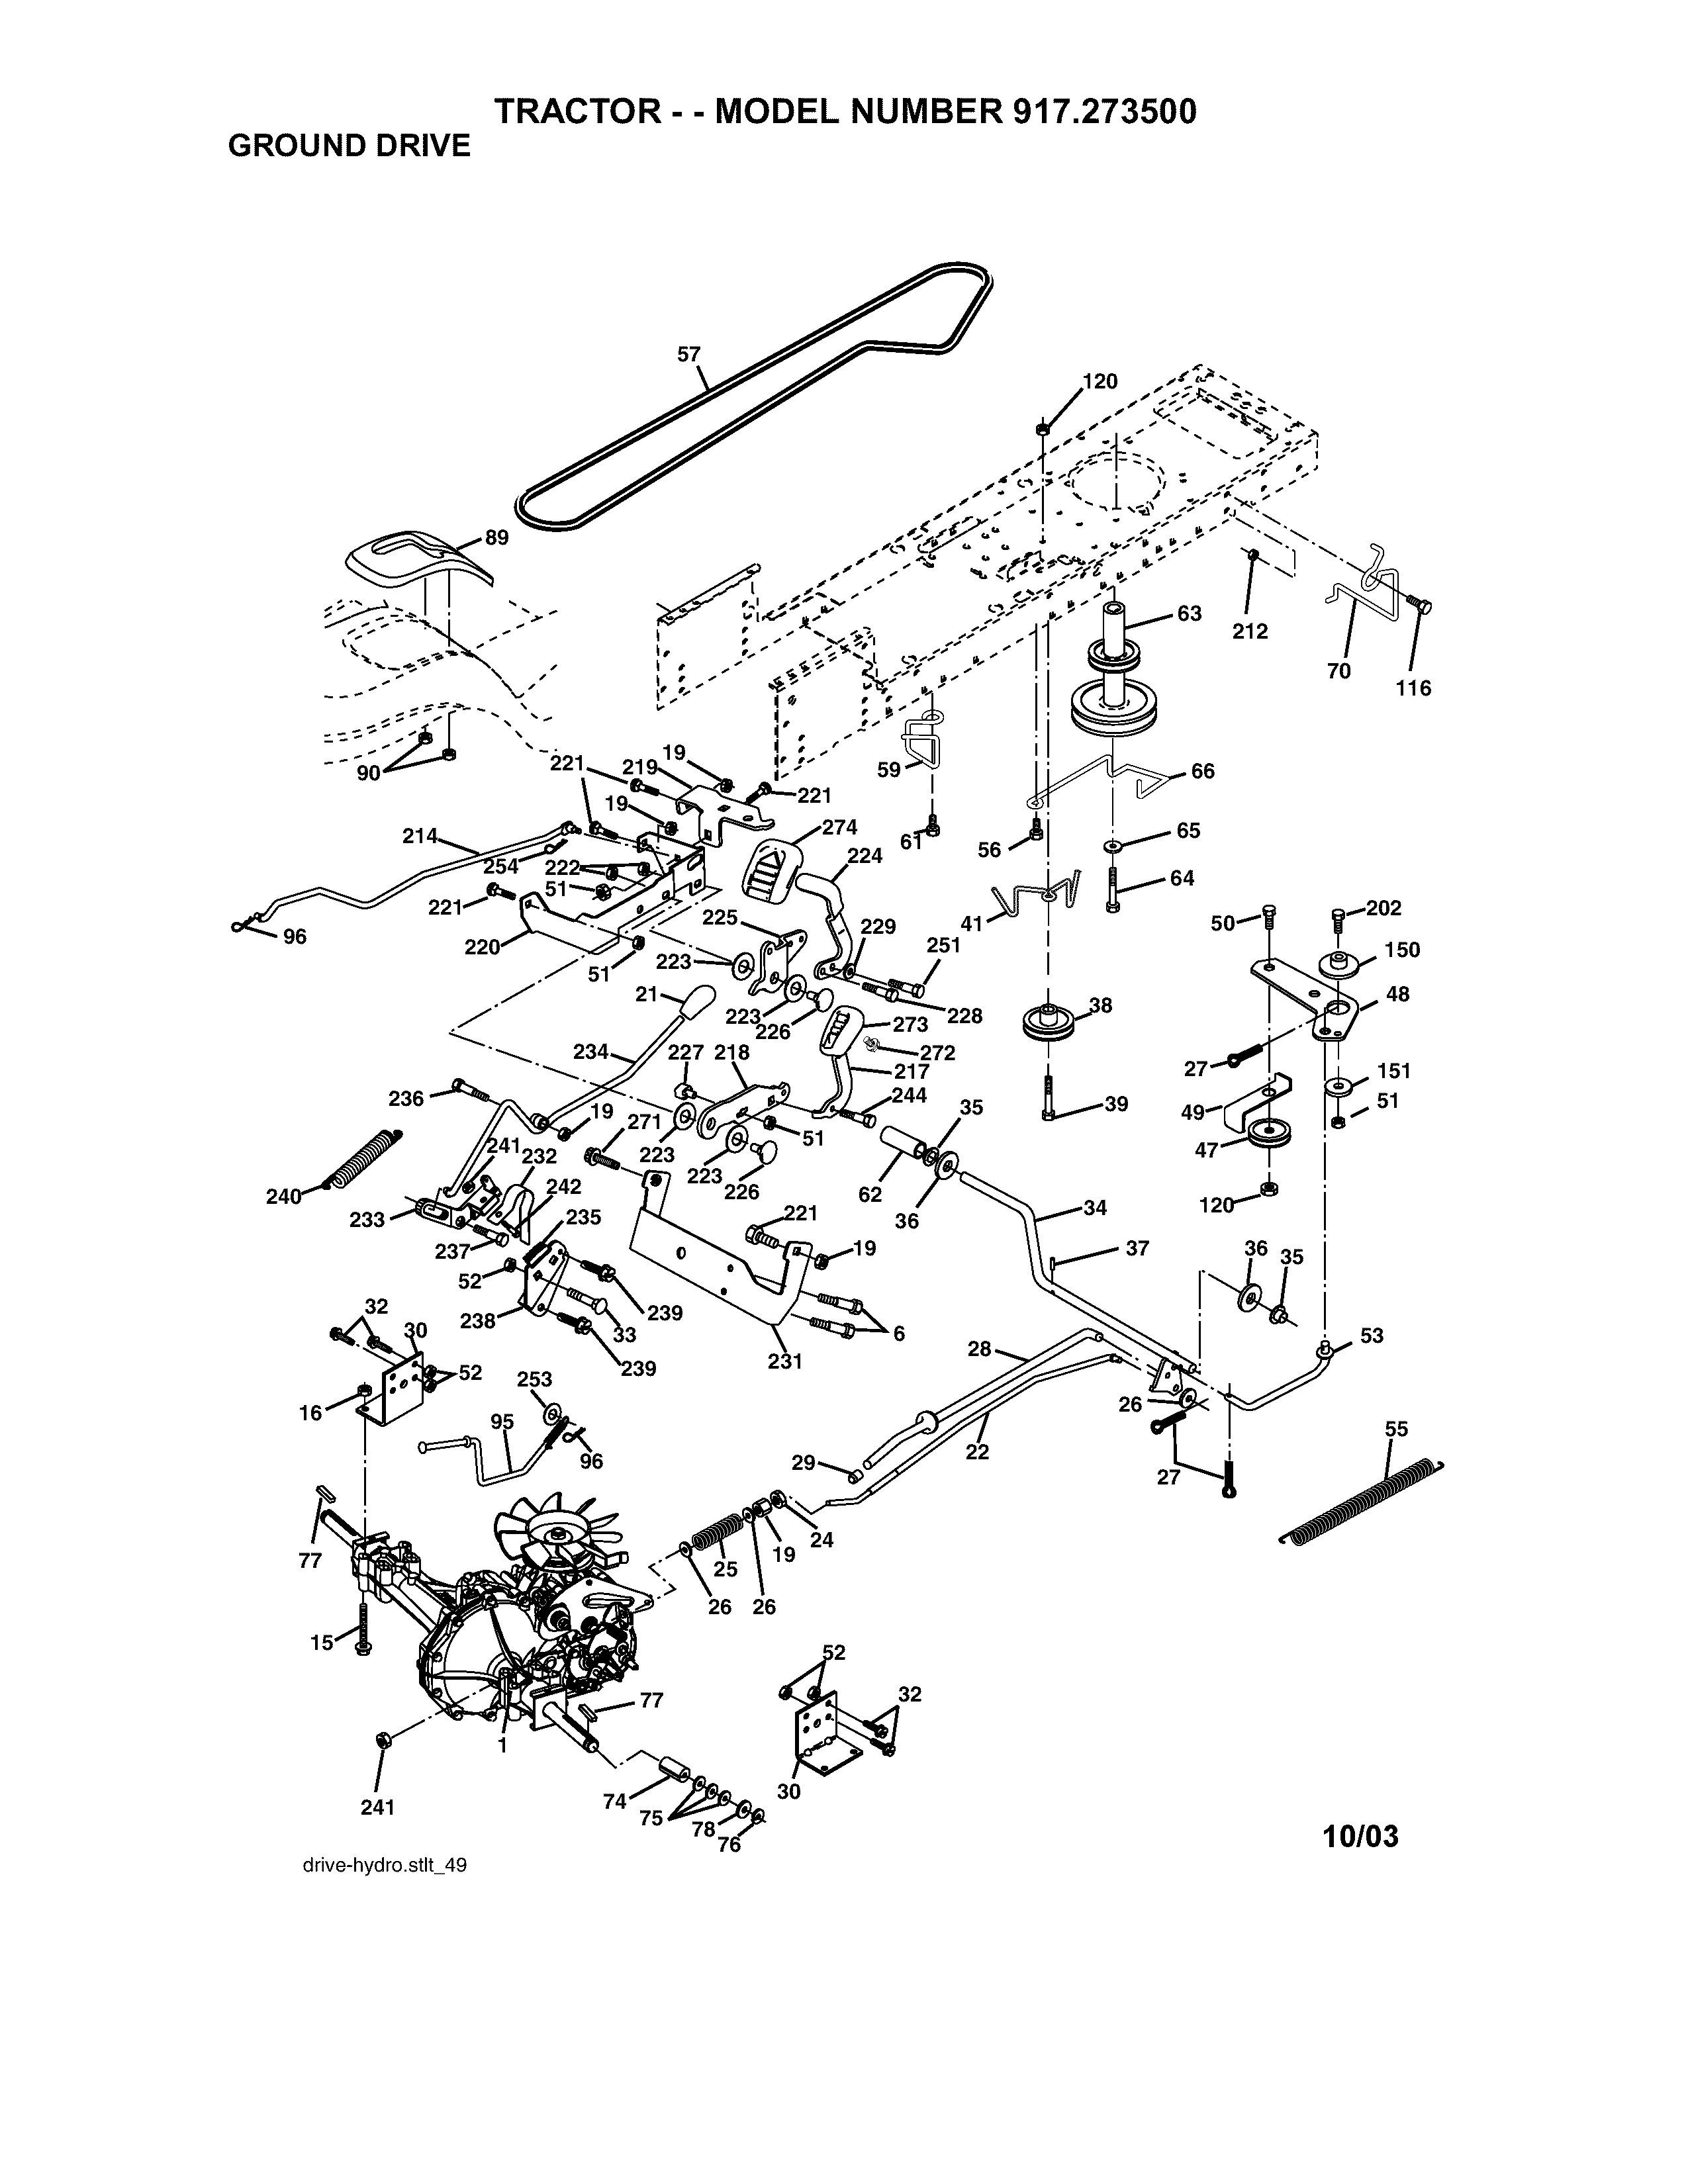 Craftsman Tractor Parts Diagram 917 Craftsman Lawn Tractor 16 5 Hp 42 In Mower Of Craftsman Tractor Parts Diagram